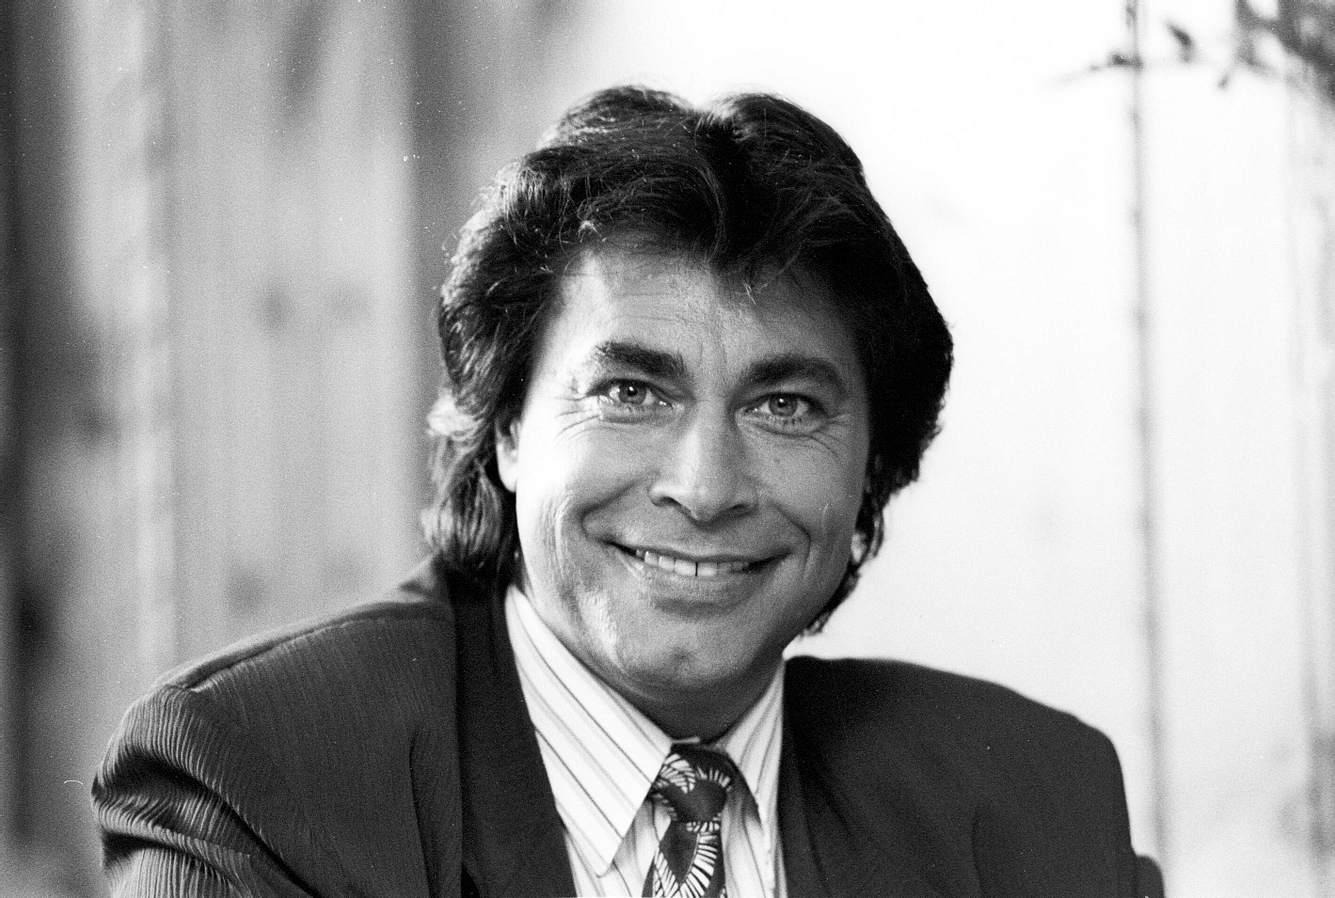 Roy Black im Mai 1990 am Rande von Dreharbeiten zu Ein Schloß am Wörthersee (RTL).